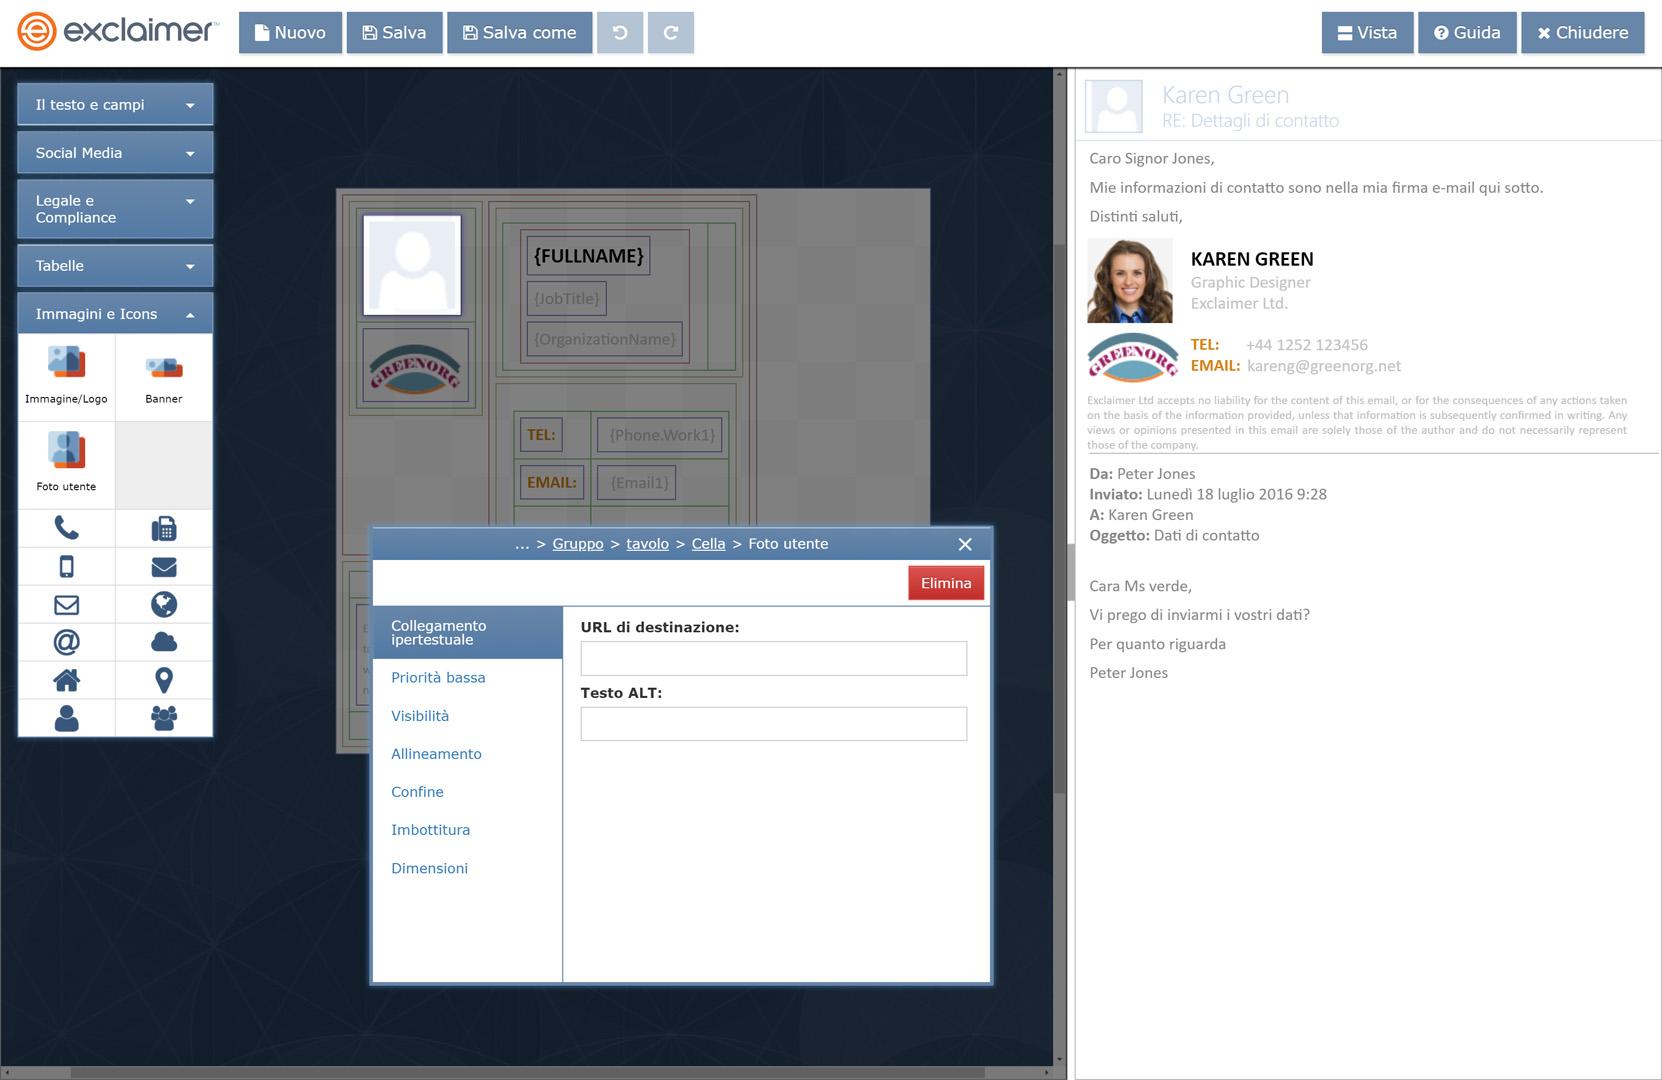 Aggiungi le foto degli utenti di G Suite alle rispettive firme Gmail.